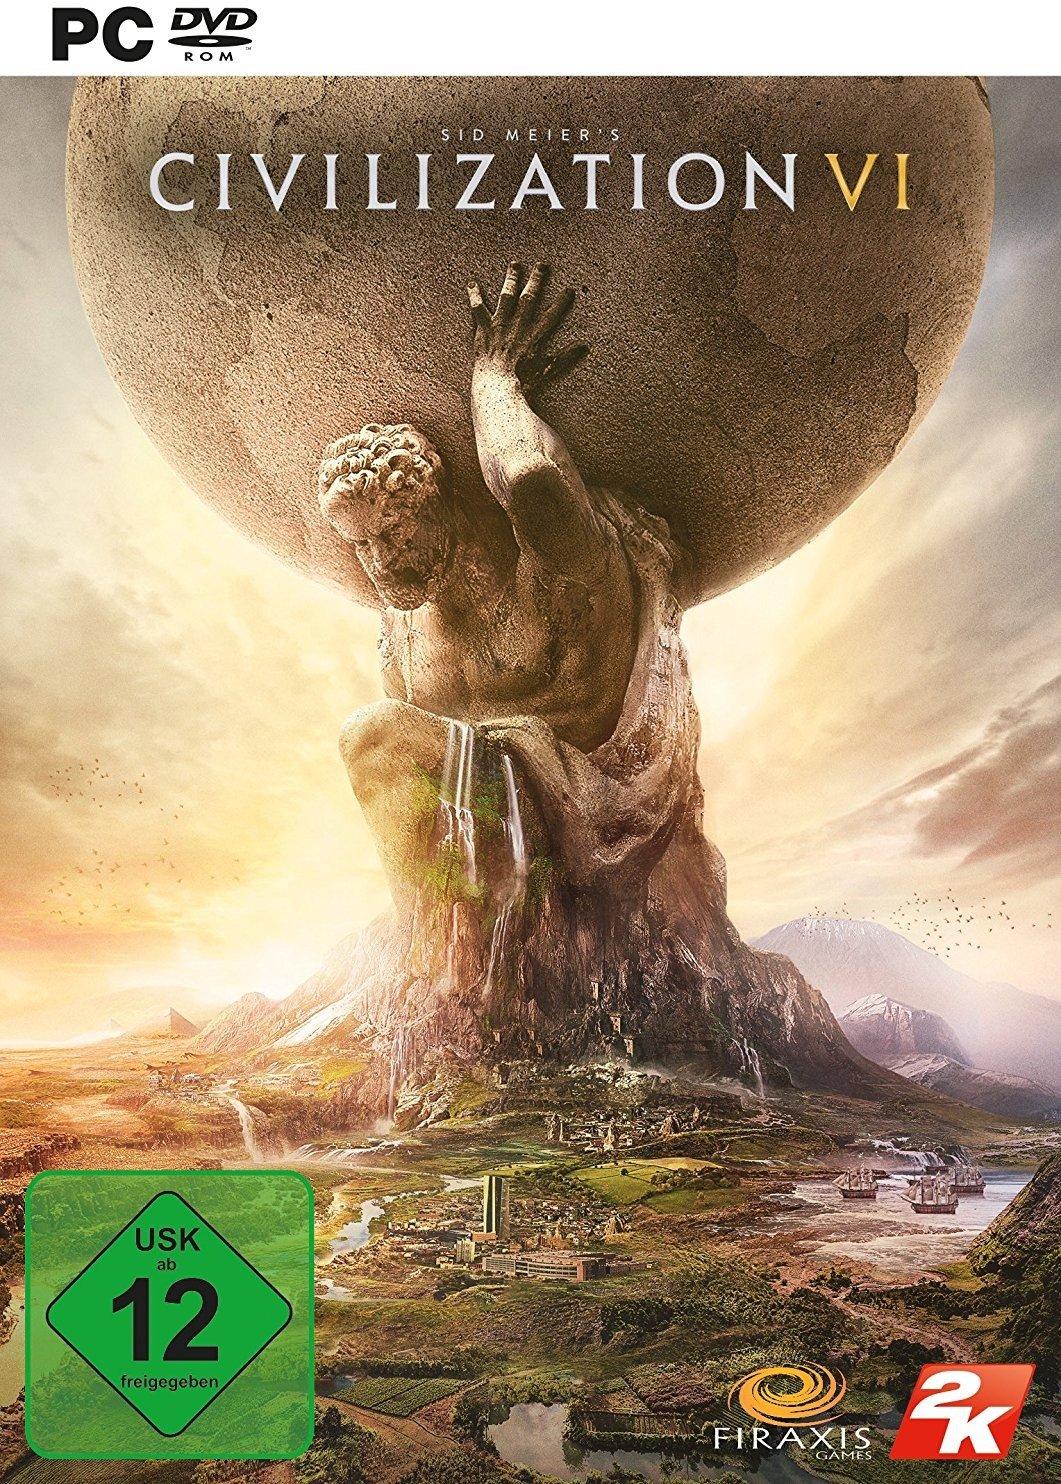 UPDATE (neue Spiele): z.B. GTA V und Mafia 3 (PS4 / XBO) jetzt ebenfalls 3x für 55€ möglich - 3x Civilization VI (oder 3 verschiedene Spiele) für 54,99€ [Saturn]